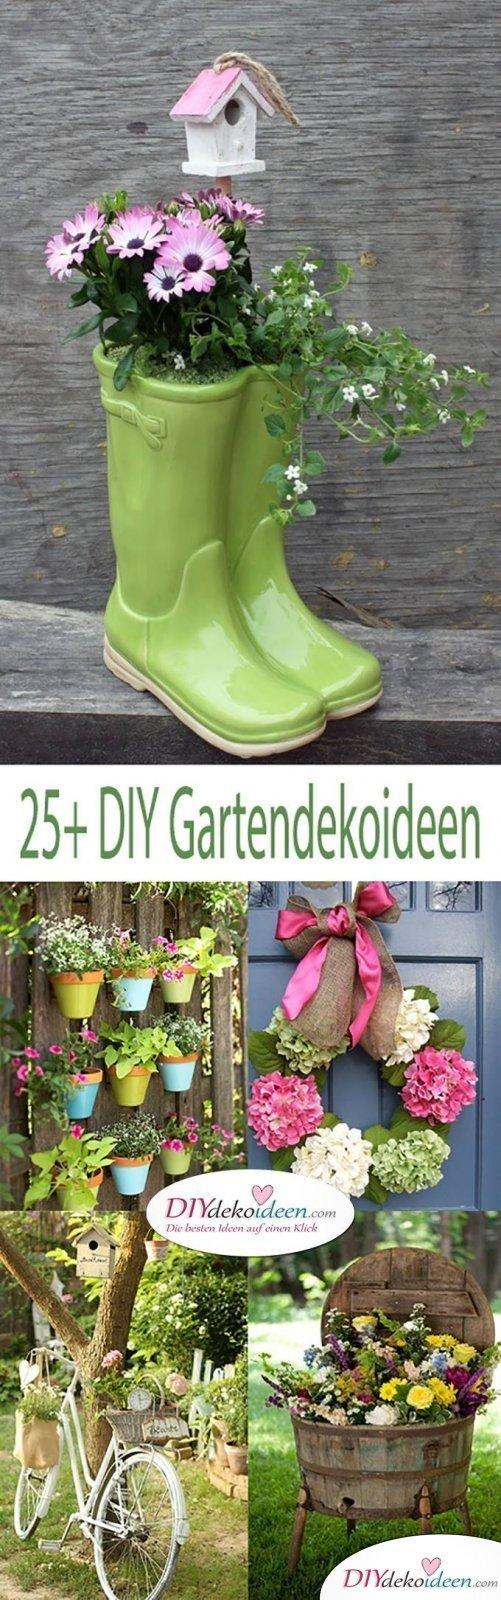 diy gartendeko selber machen ? 25+ dekoideen für den frühling - Gartendeko Selber Bauen